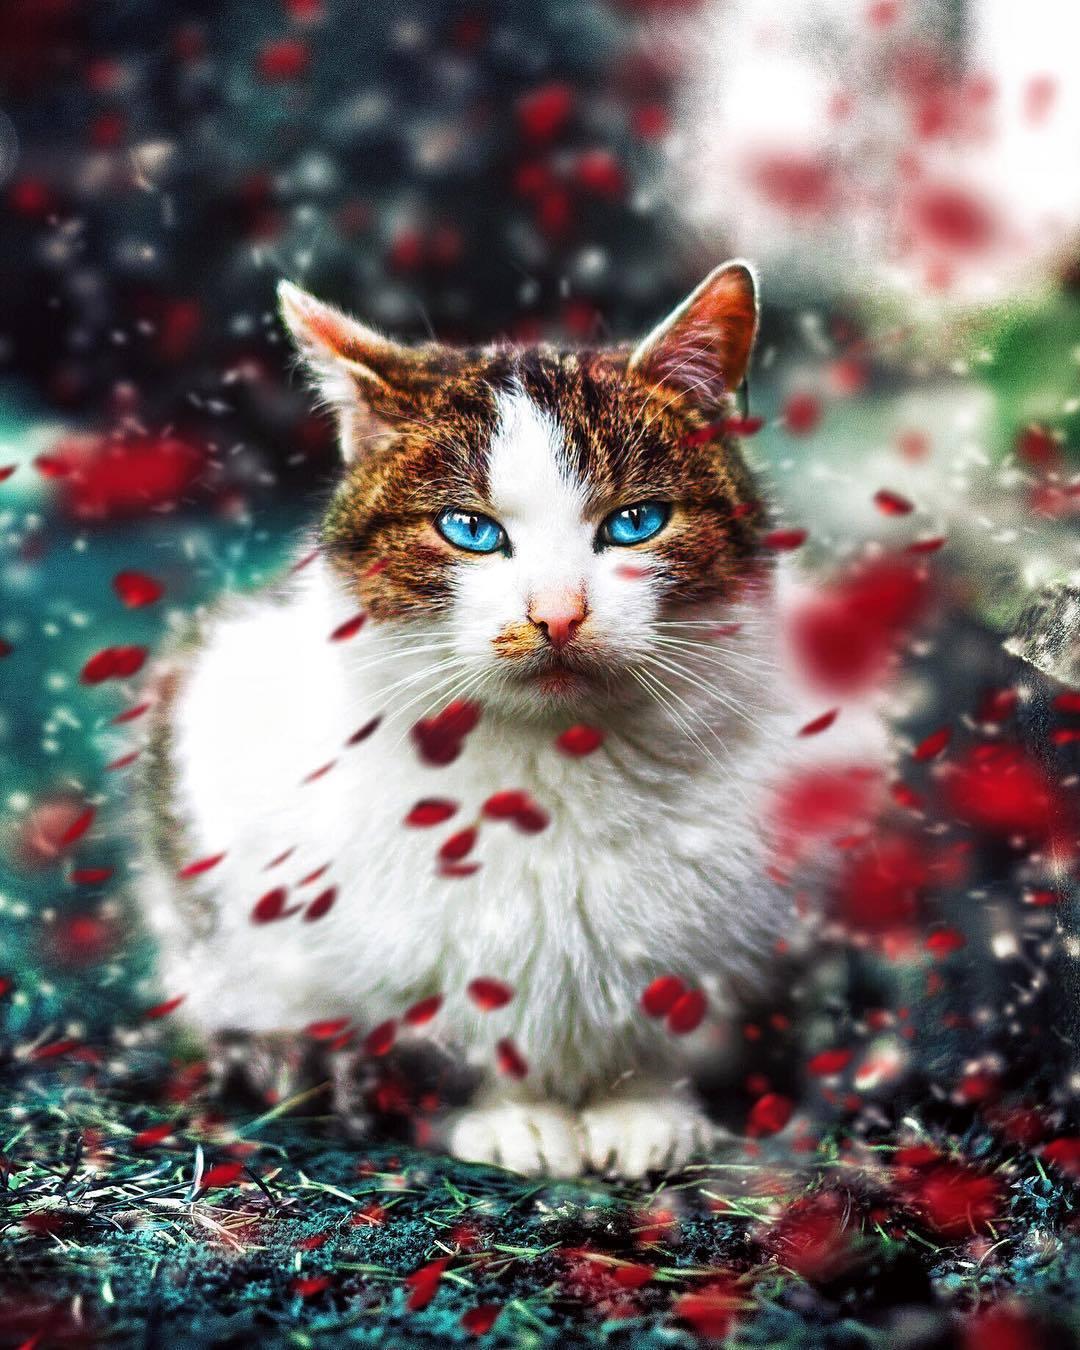 Фото Голубоглазая кошка под падающей листвой, by Kacper Piasecki